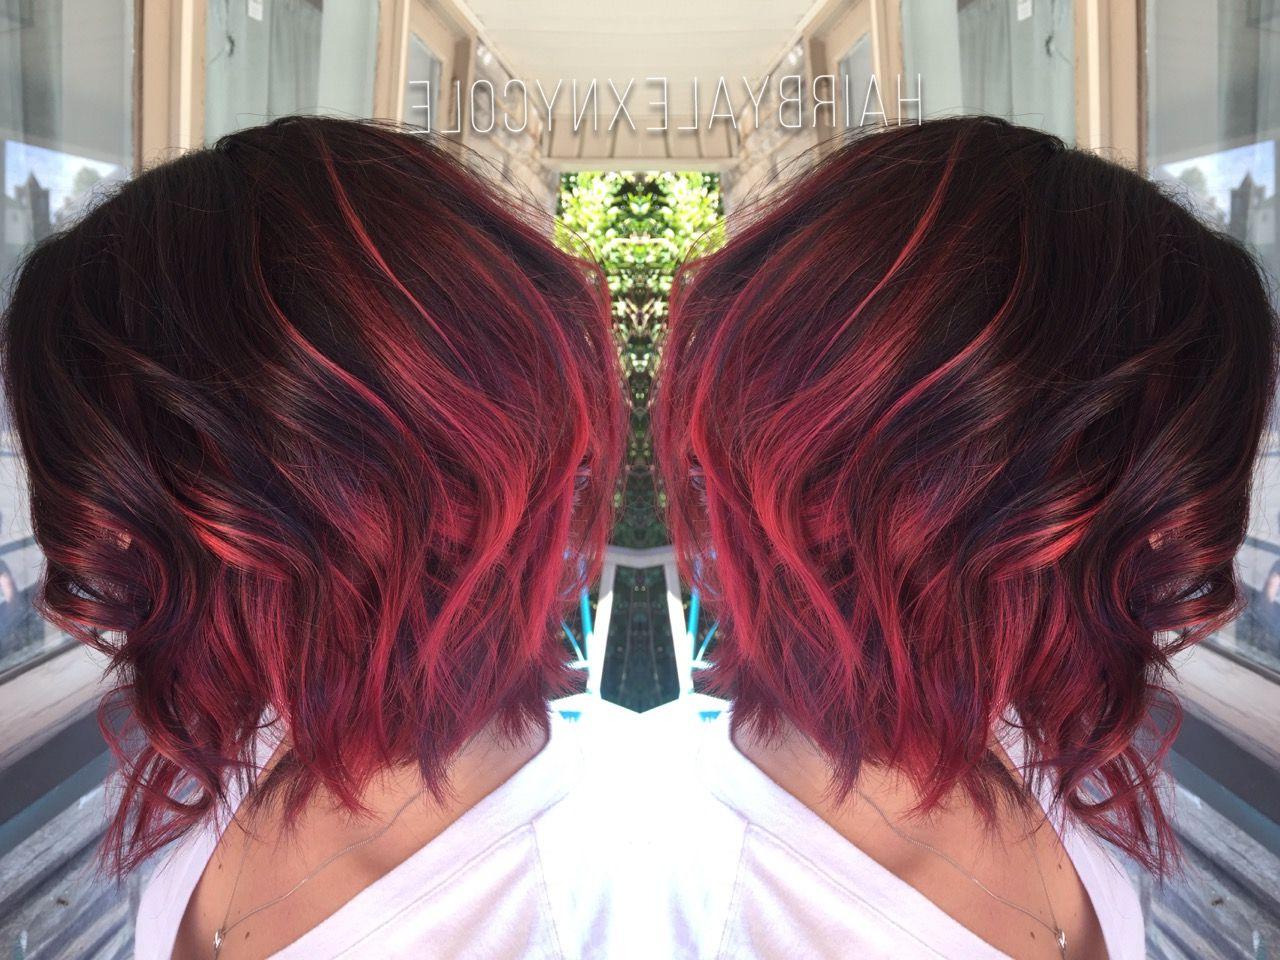 Pinadriana Mckenzi On Short Hairstyles In 2018 | Pinterest Within Short Hairstyles With Red Hair (View 21 of 25)